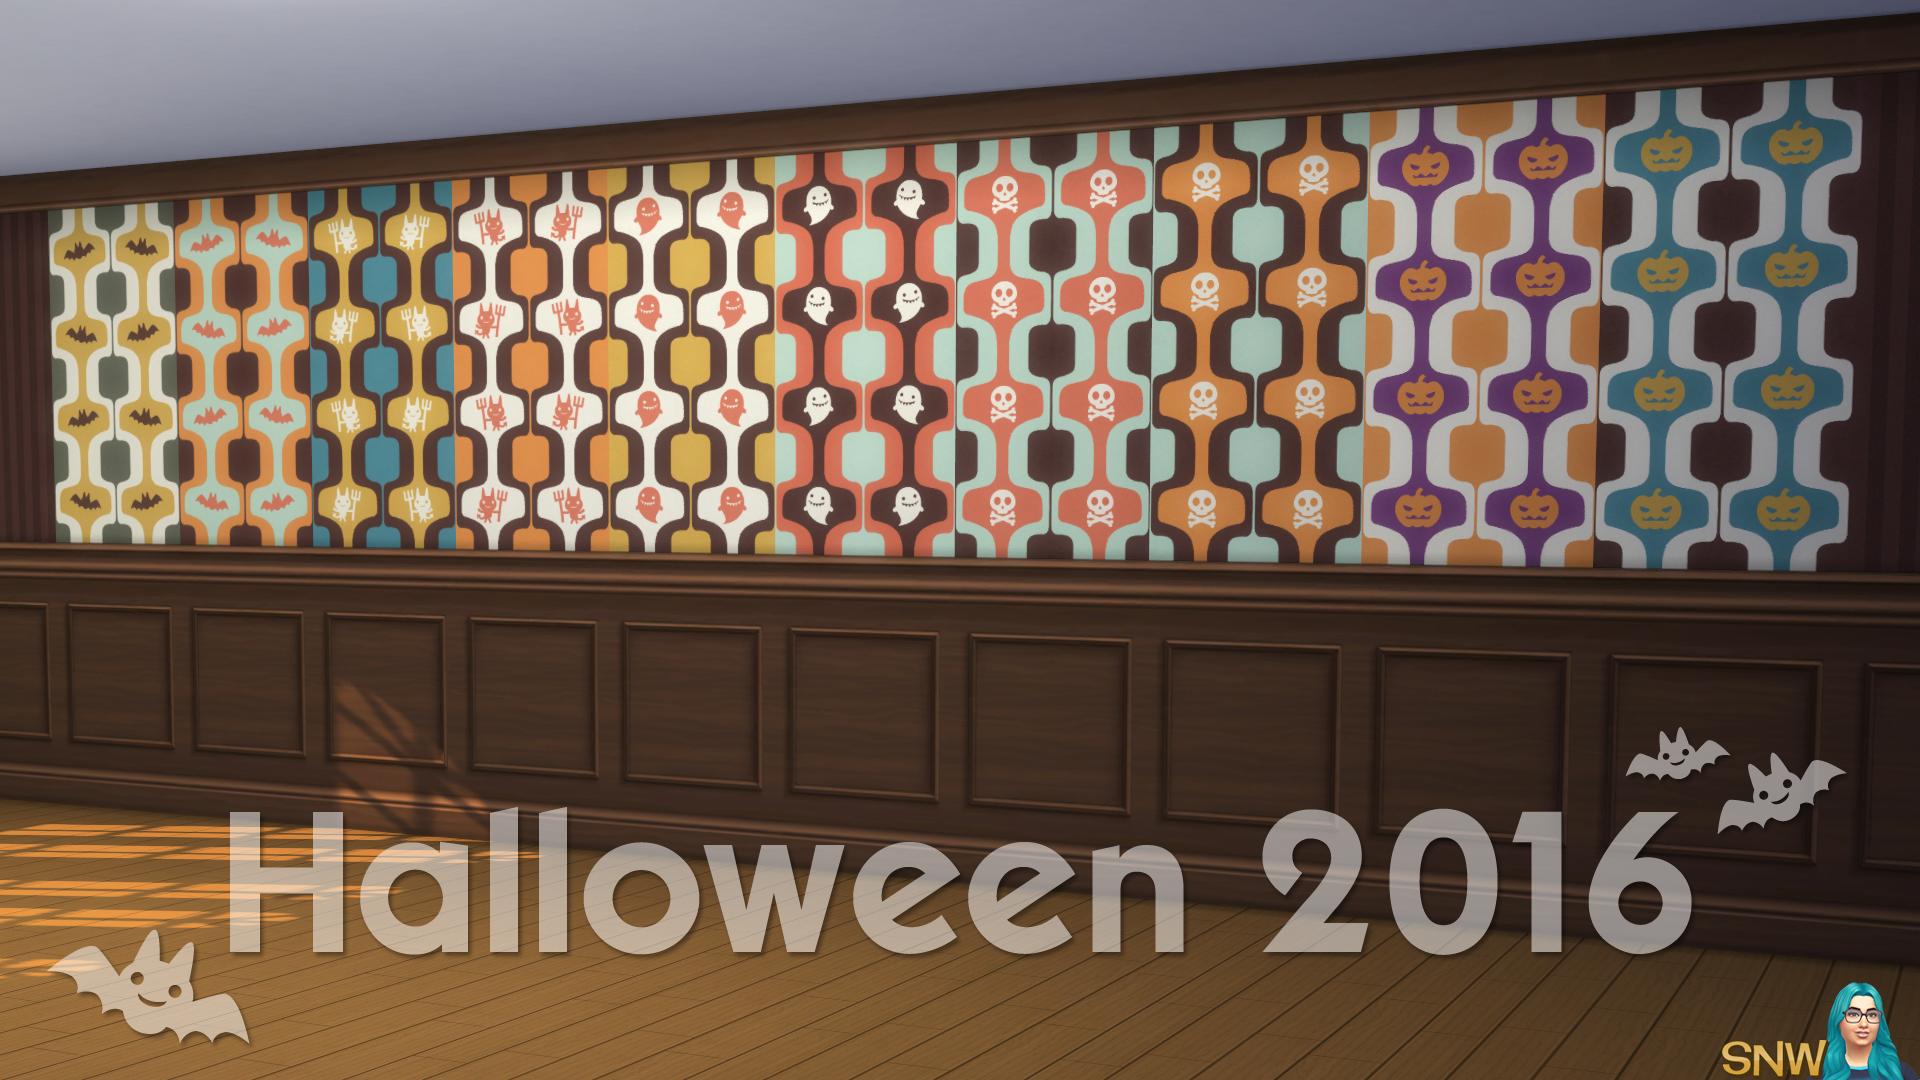 Halloween 2016 Walls #7